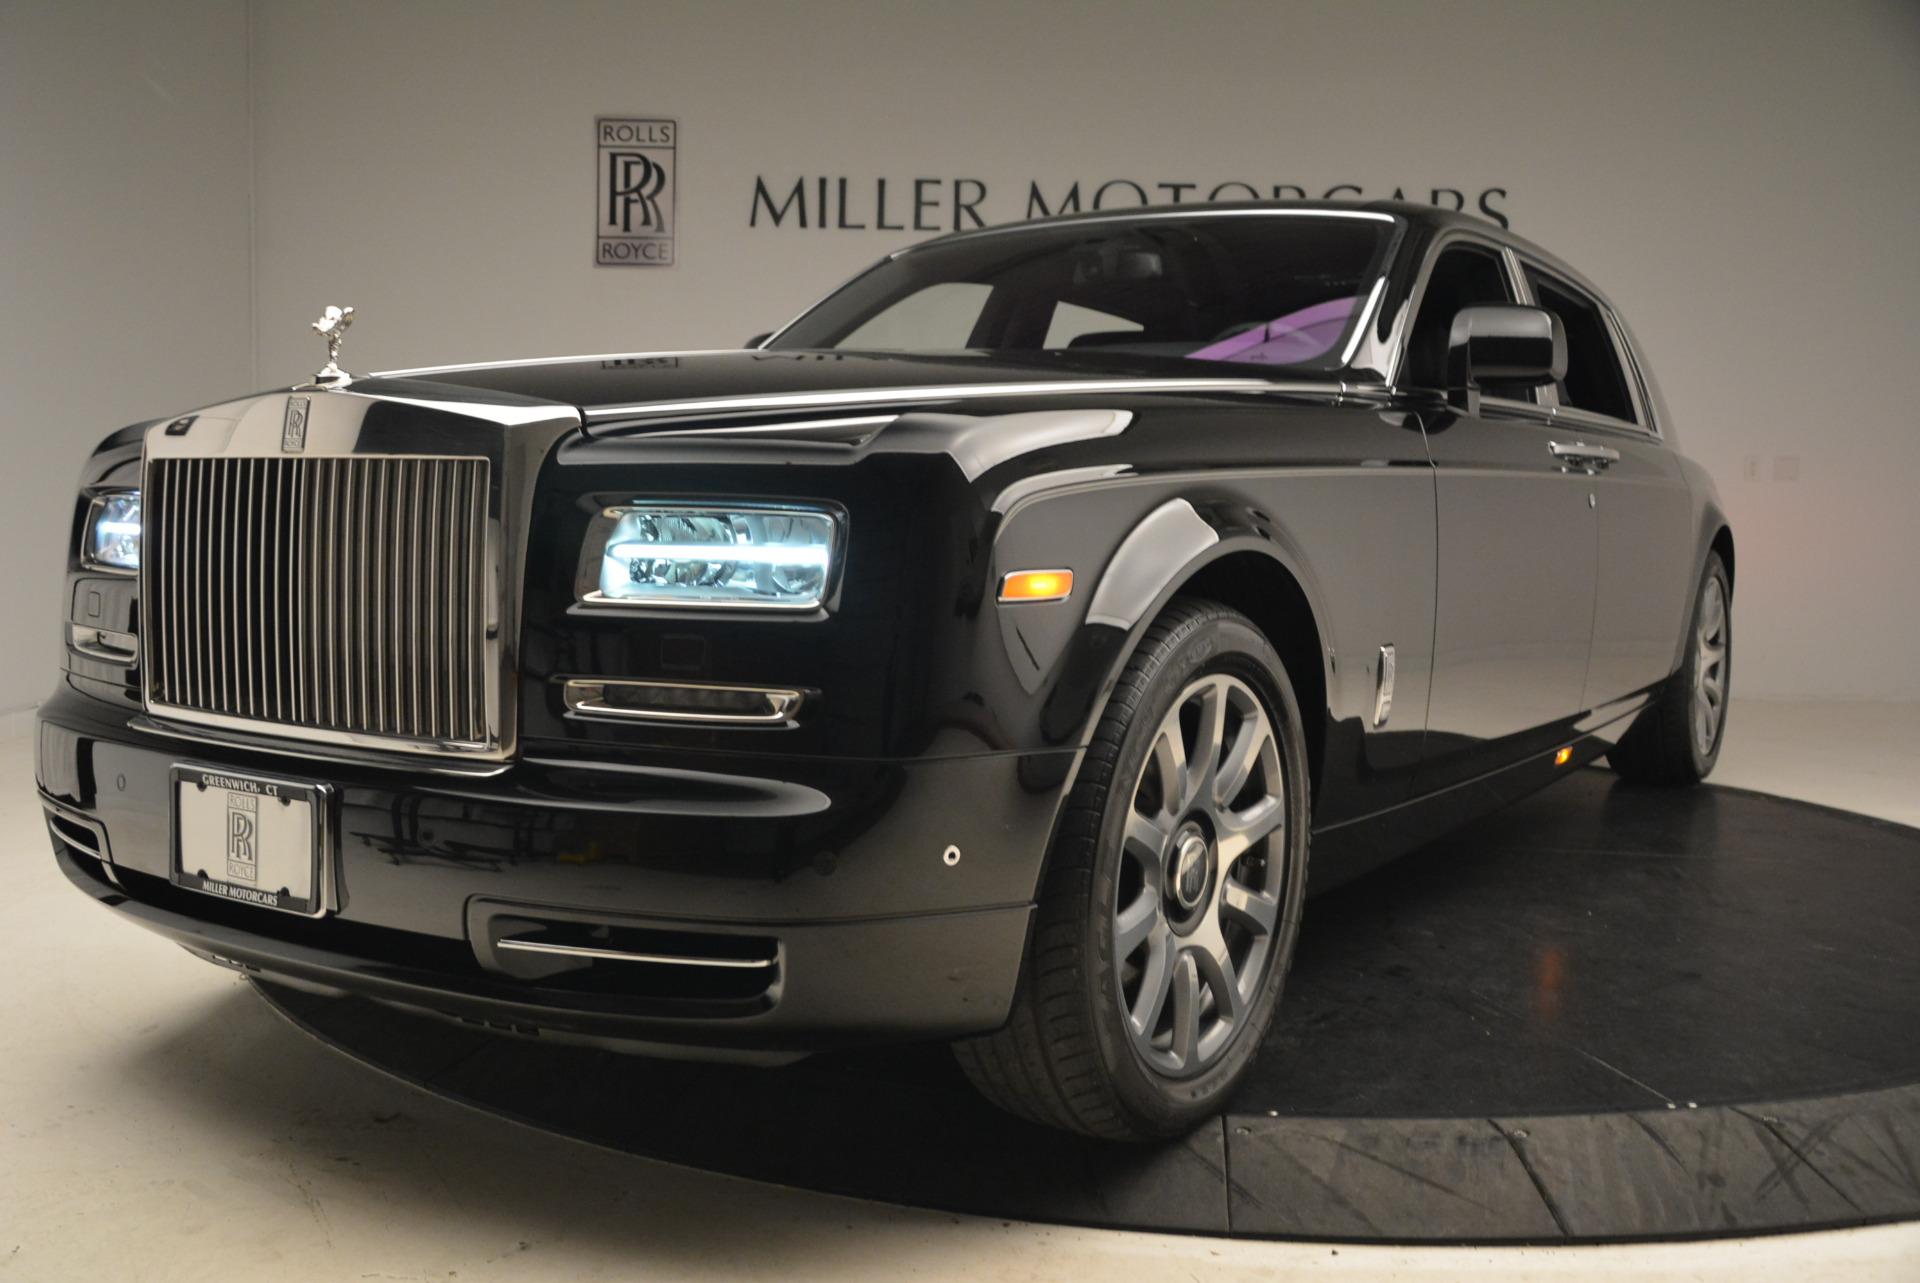 Used 2014 Rolls-Royce Phantom EWB For Sale In Greenwich, CT 2051_p3